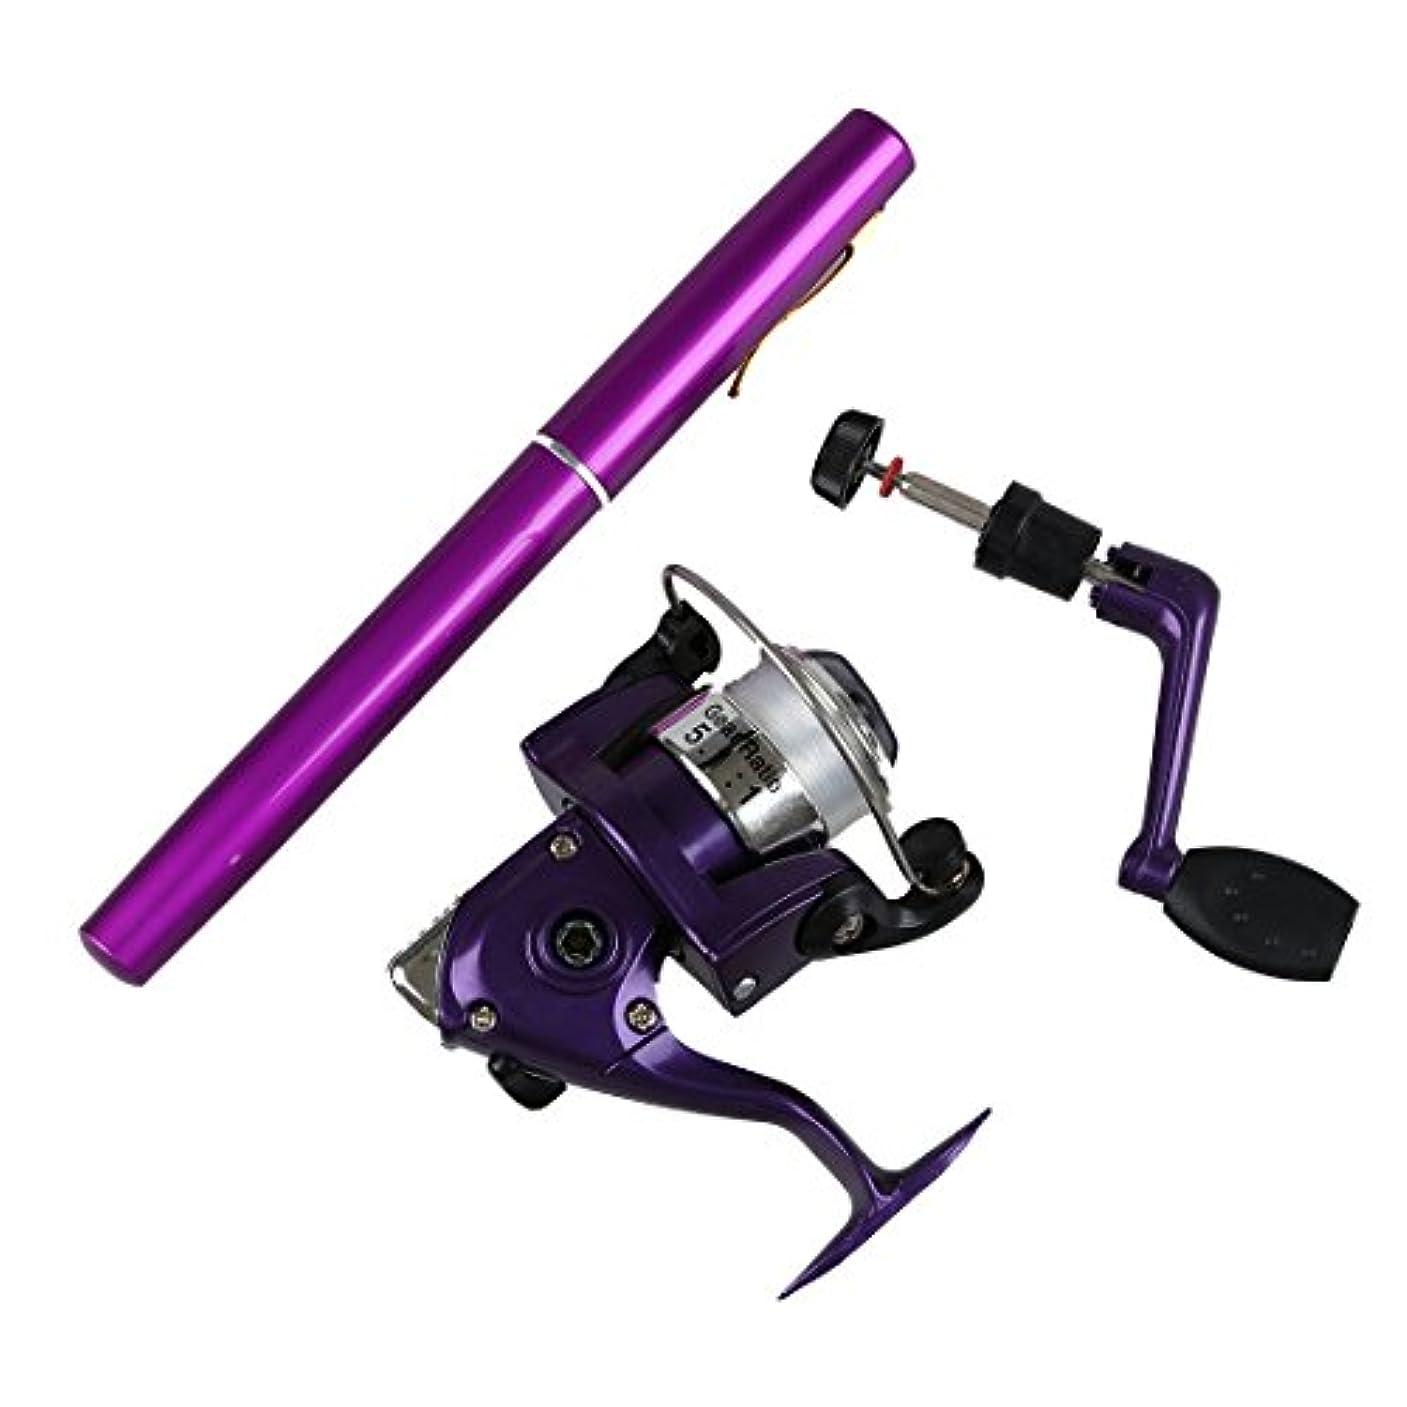 海外でミュウミュウ調整可能TOOGOO ソルトウォーターフィッシングタックル ペン形状ロッドポール&リールコンボ(紫)